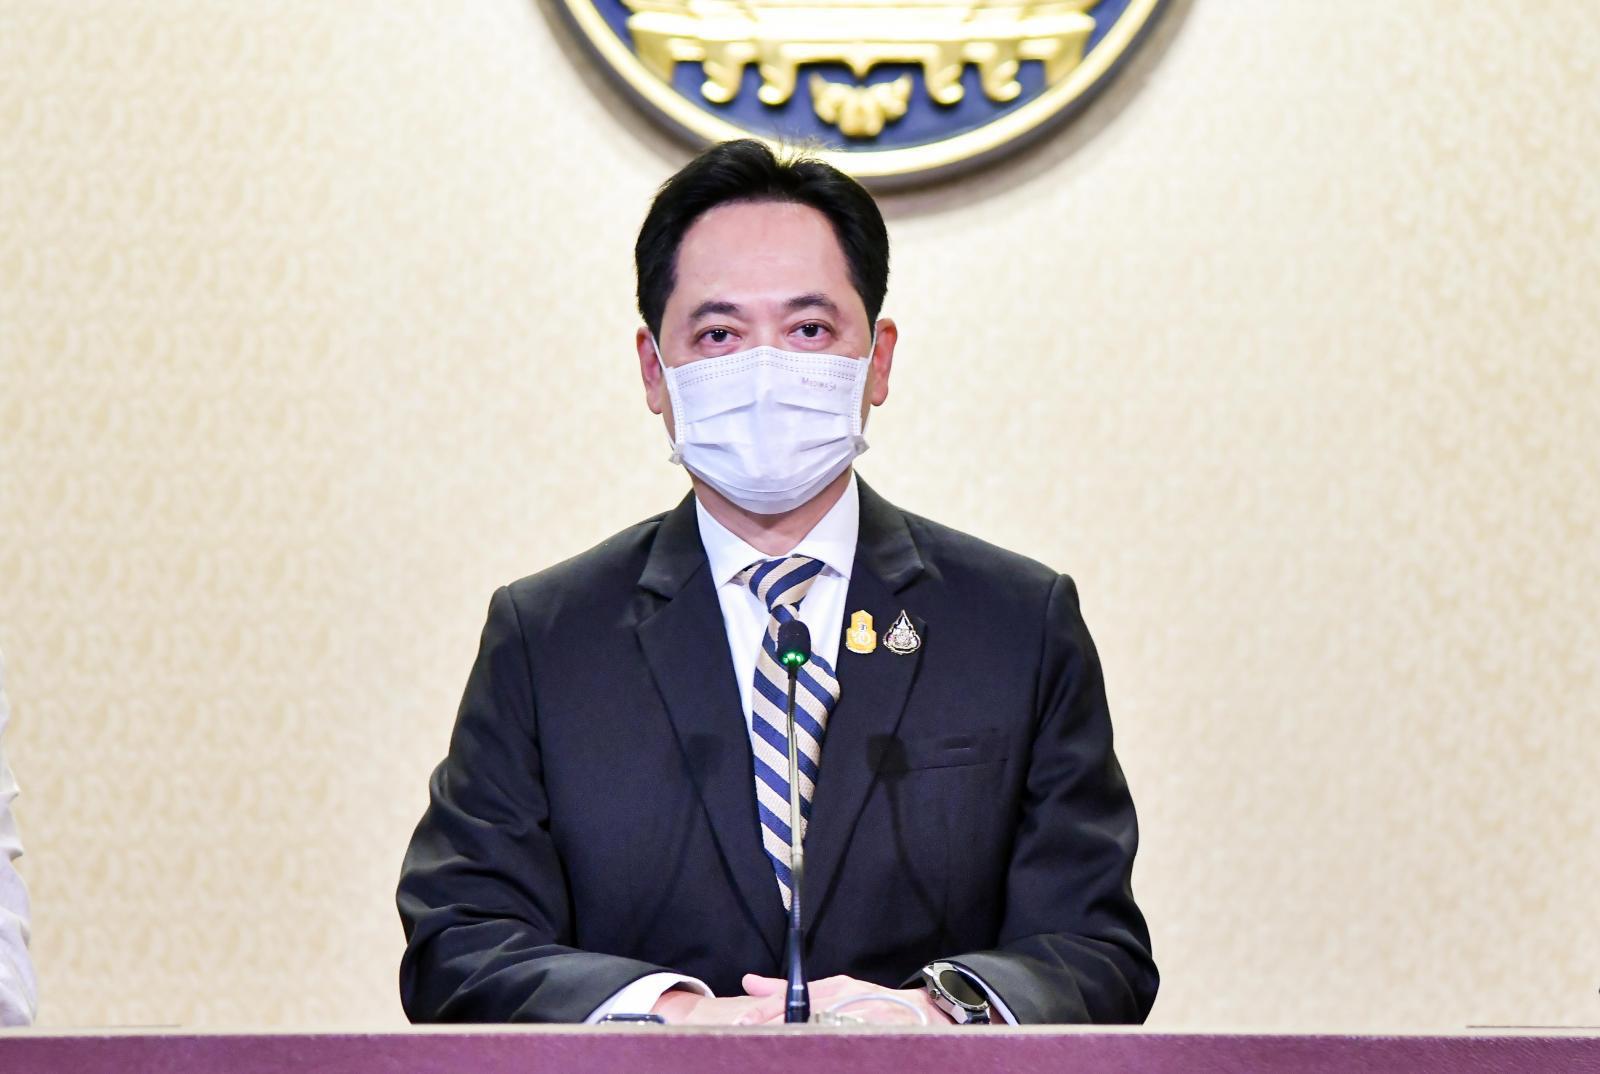 โฆษกรัฐบาล เผย ไทยมียอดฉีดวัคซีน สะสมเป็นอันดับ 3 ของอาเซียน